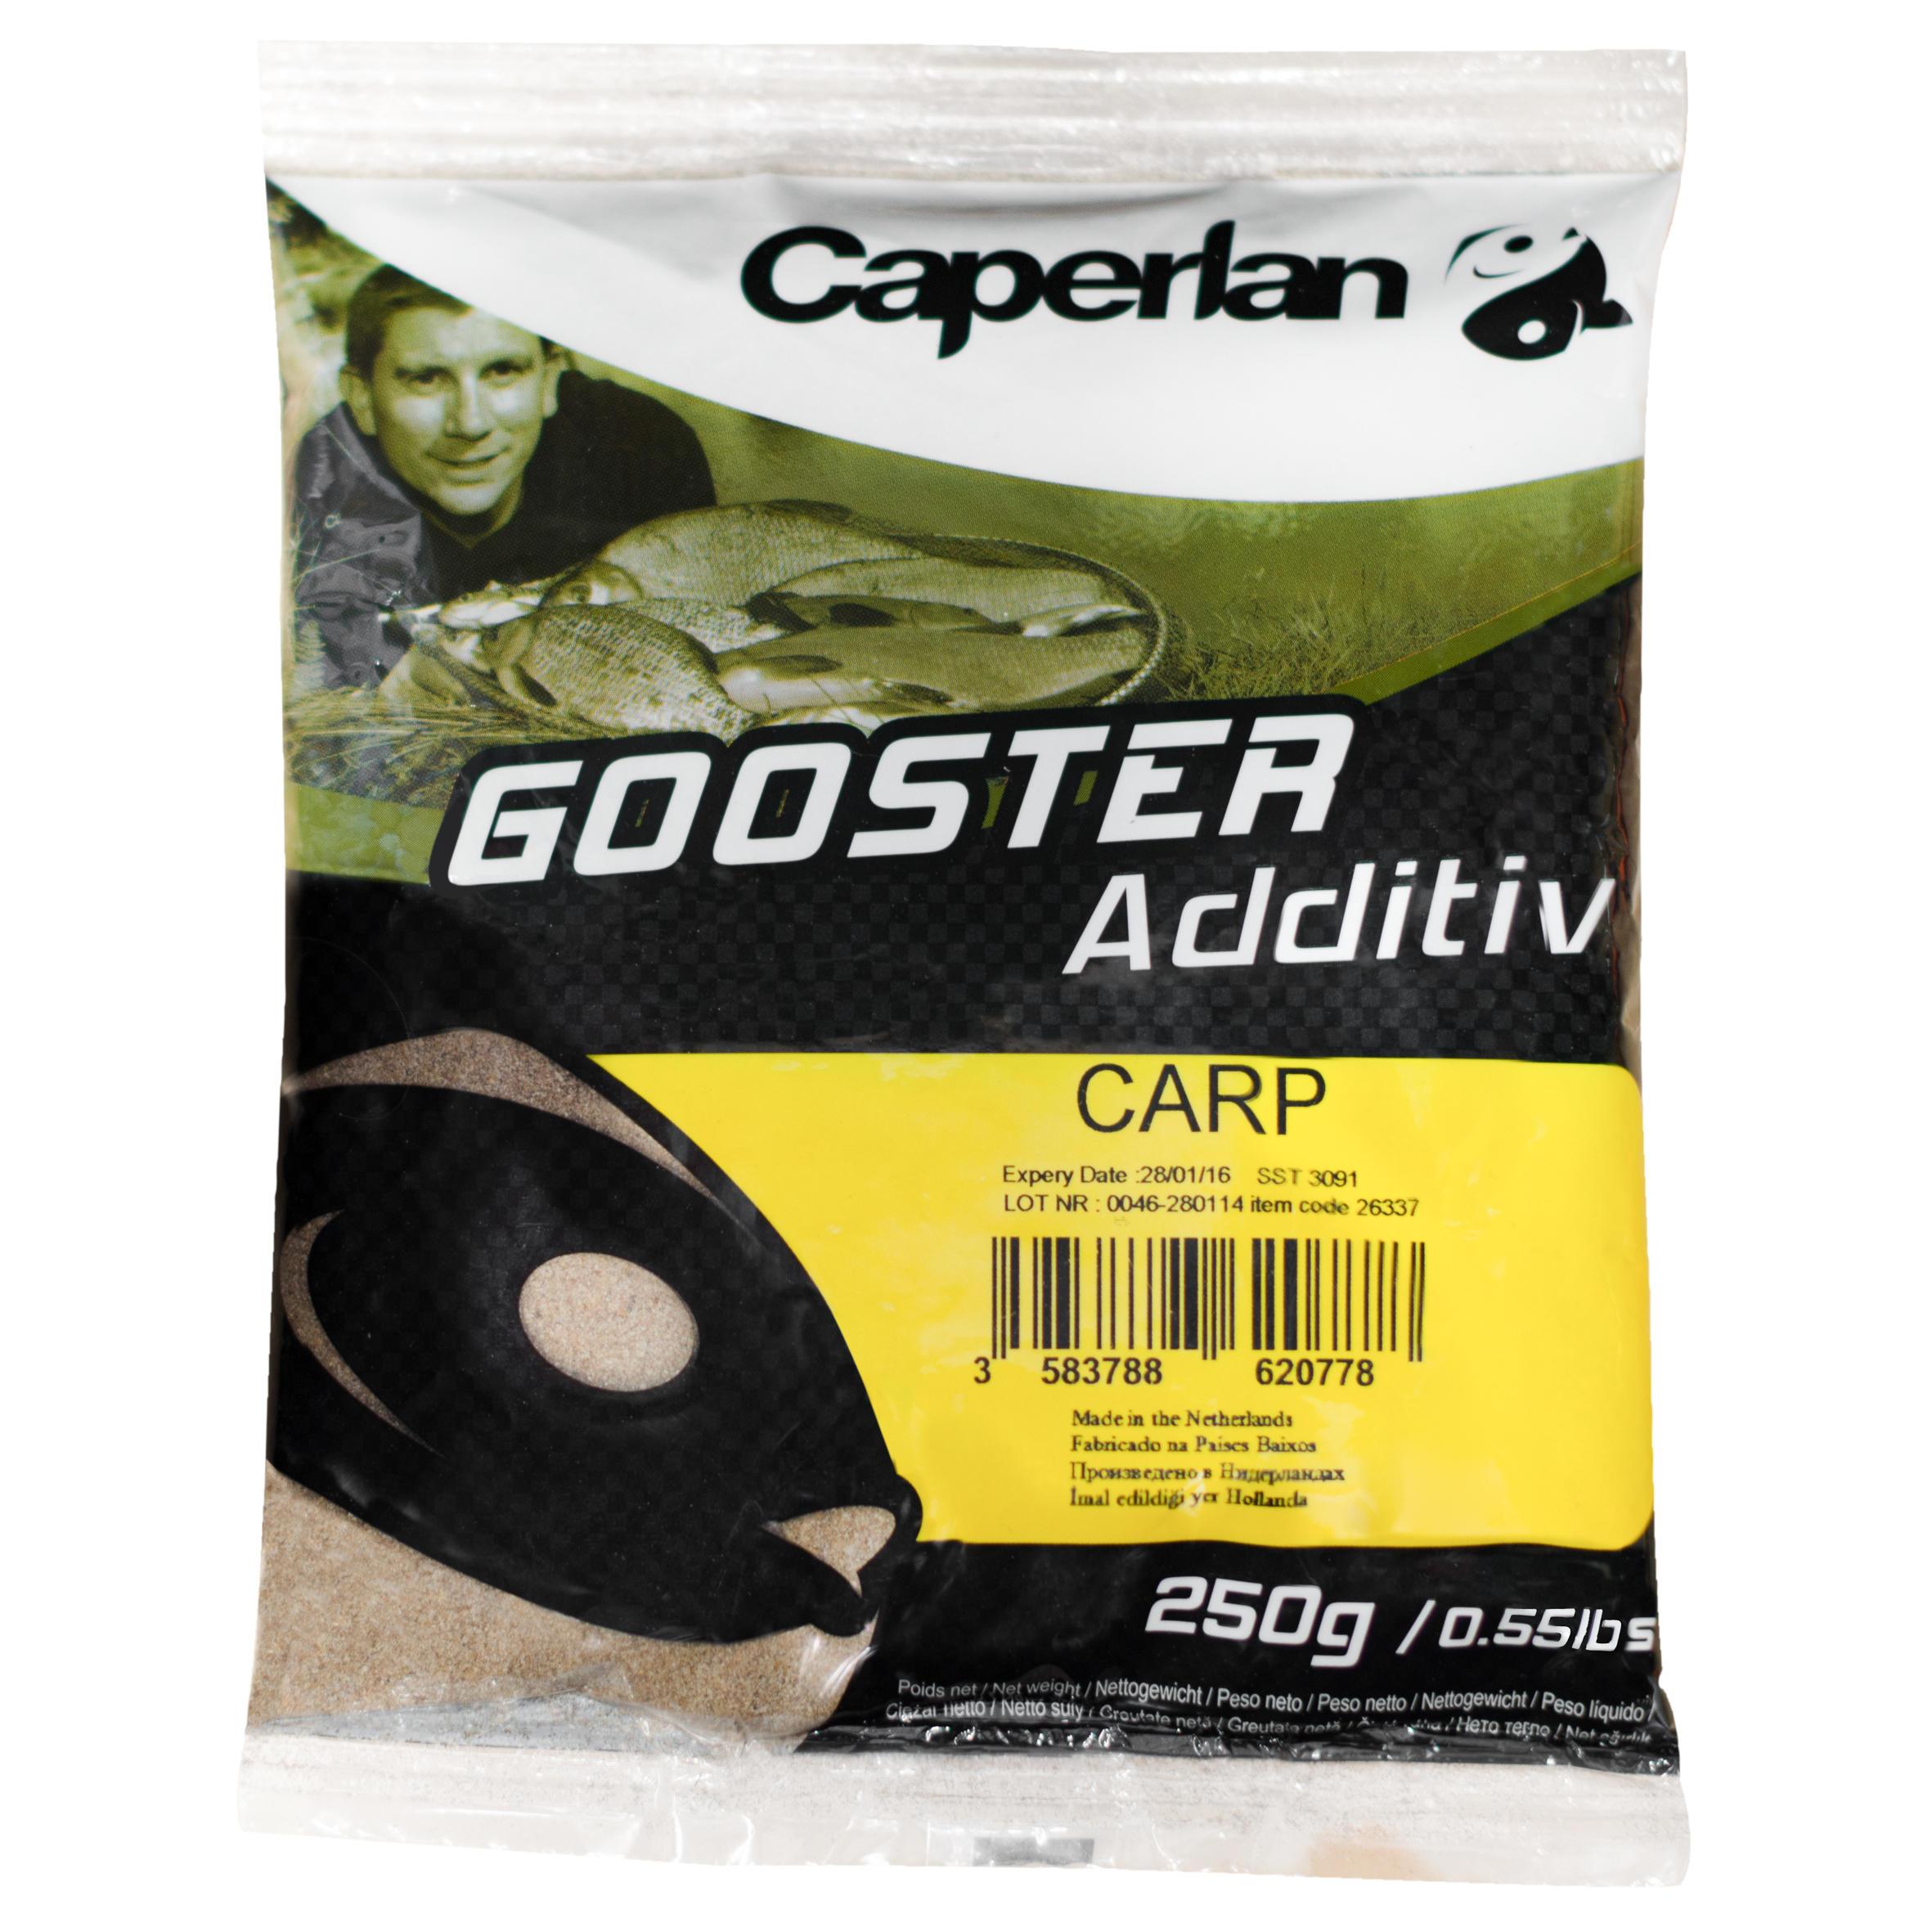 Gooster Aditiv Crap imagine produs